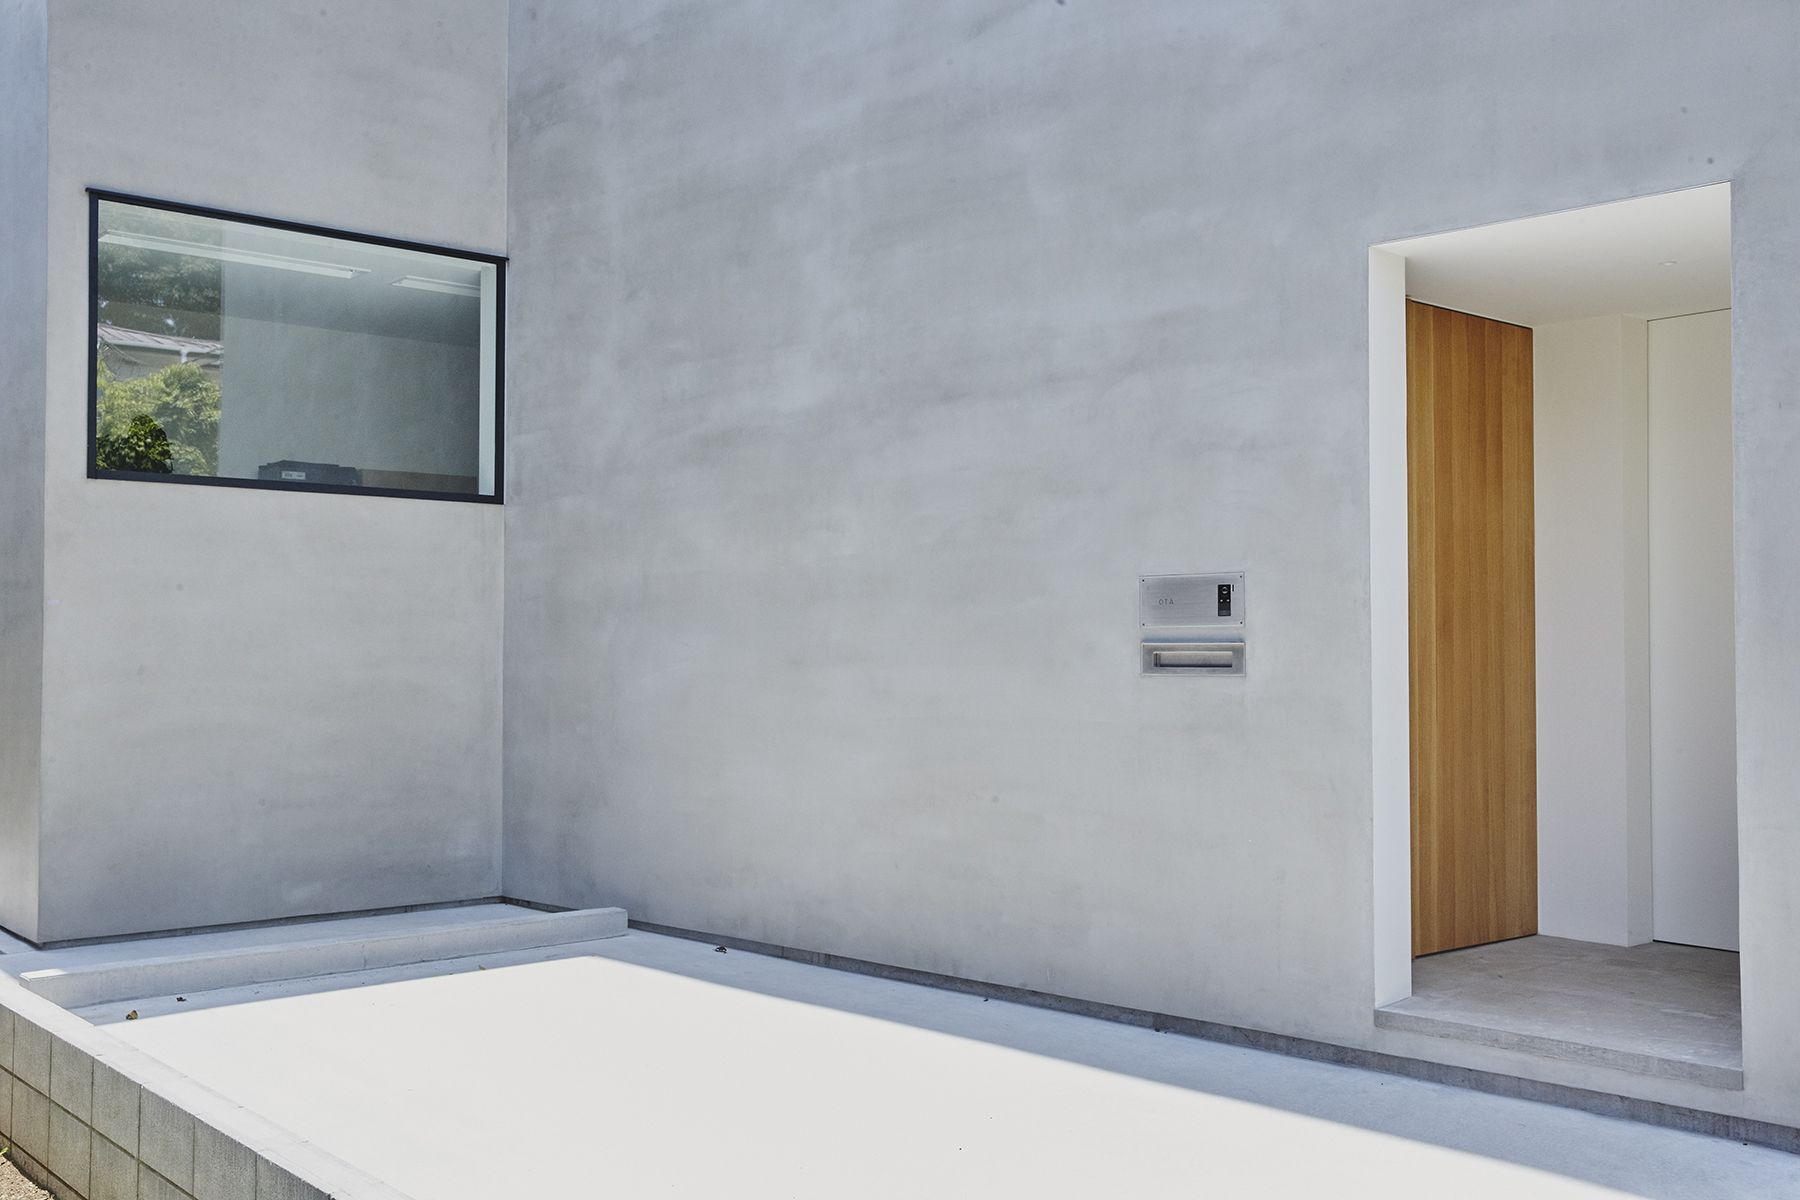 桜新町の家/個人宅 (サクラシンマチノイエ)3F メイク台